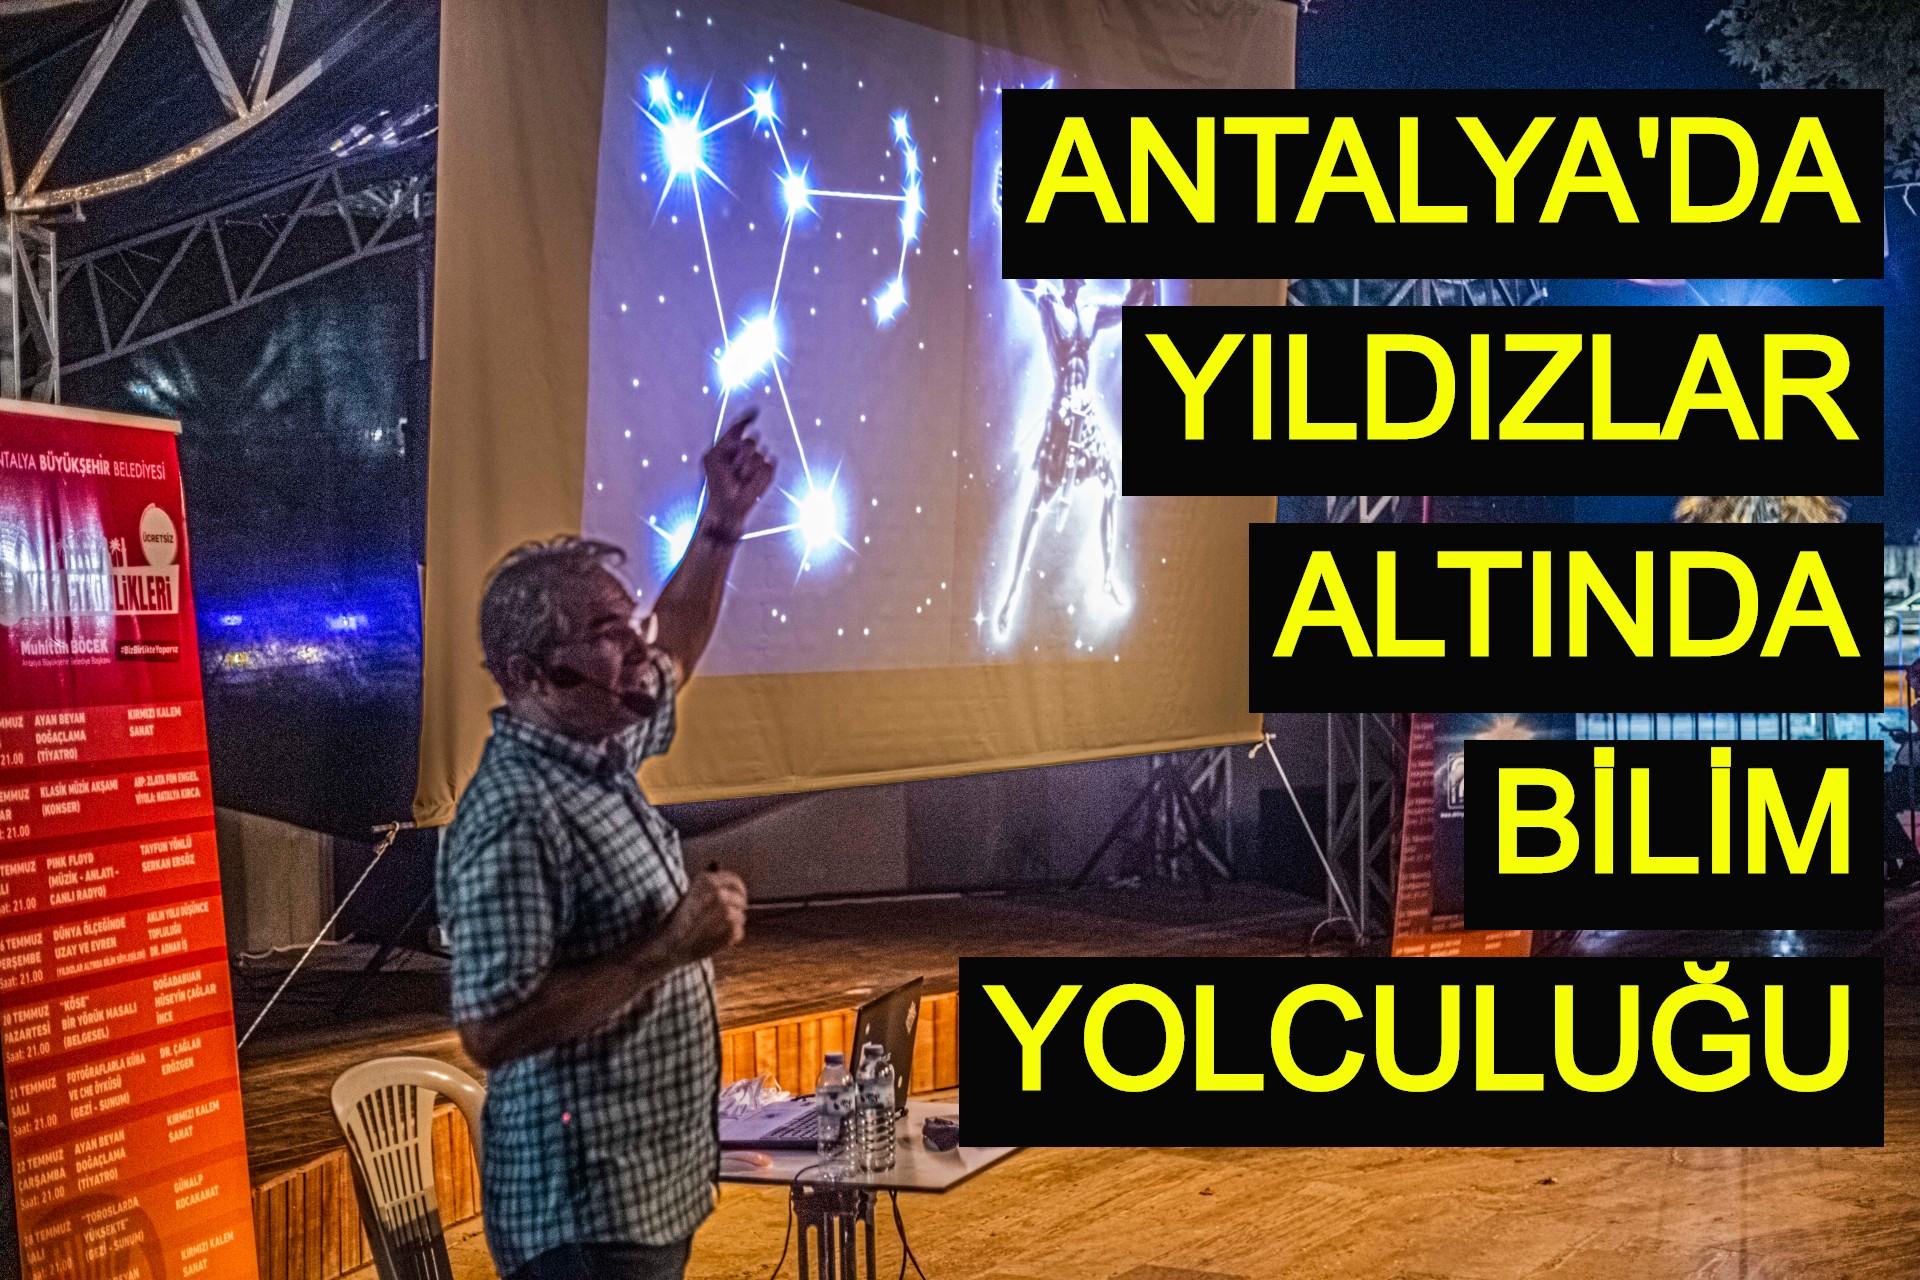 Antalya'da yıldızlar altında bilim yolculuğu